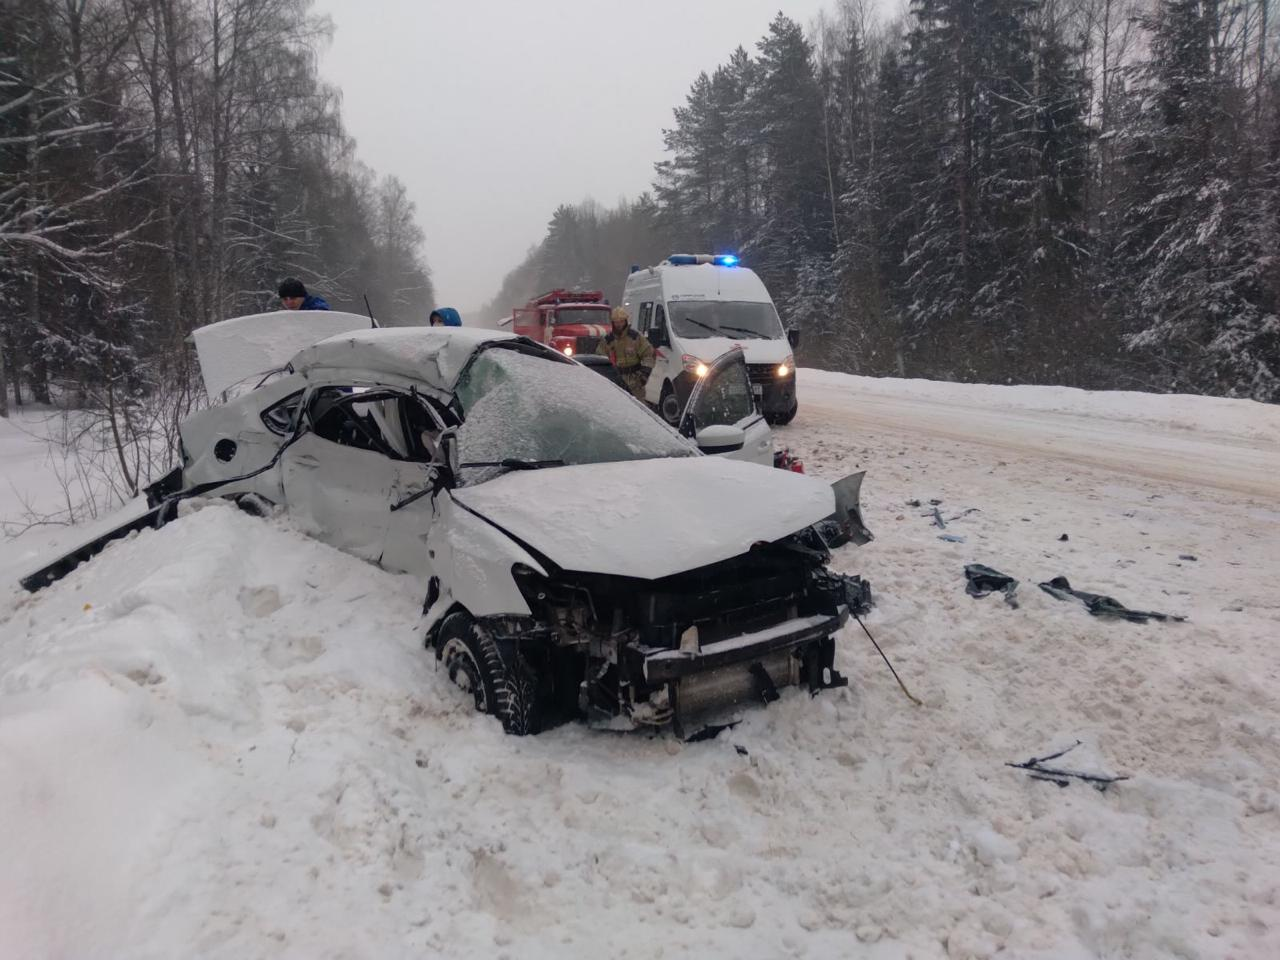 Страшное ДТП на трассе в Тверской области: трое погибли, один получил травмы - новости Афанасий